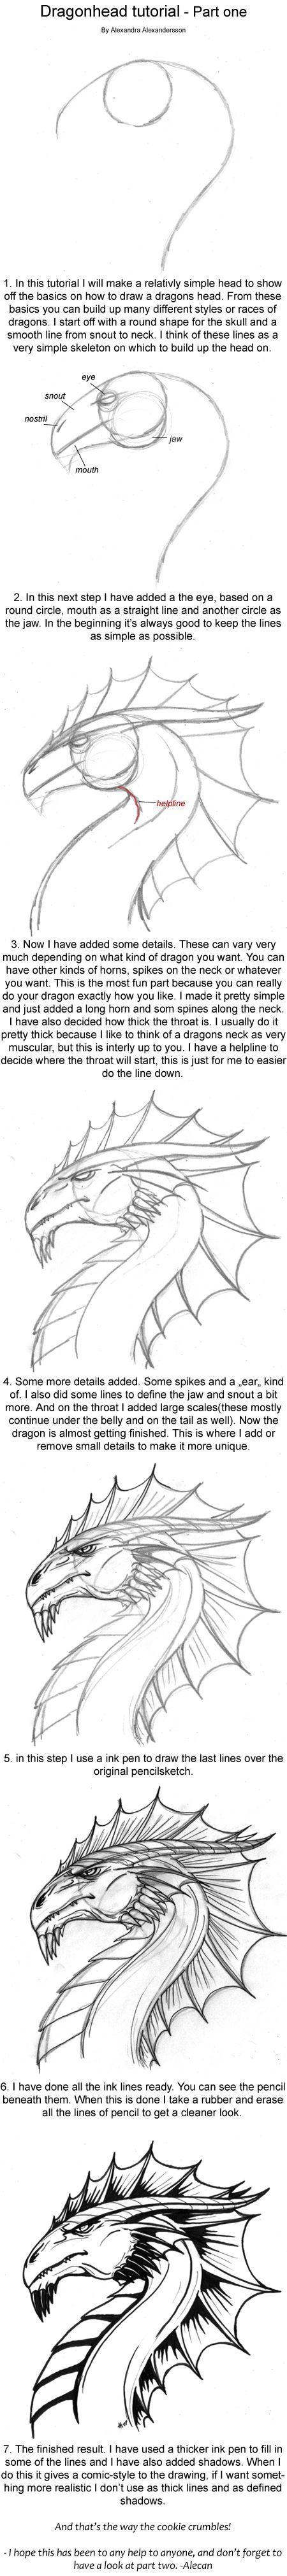 Dragonhead tutorial